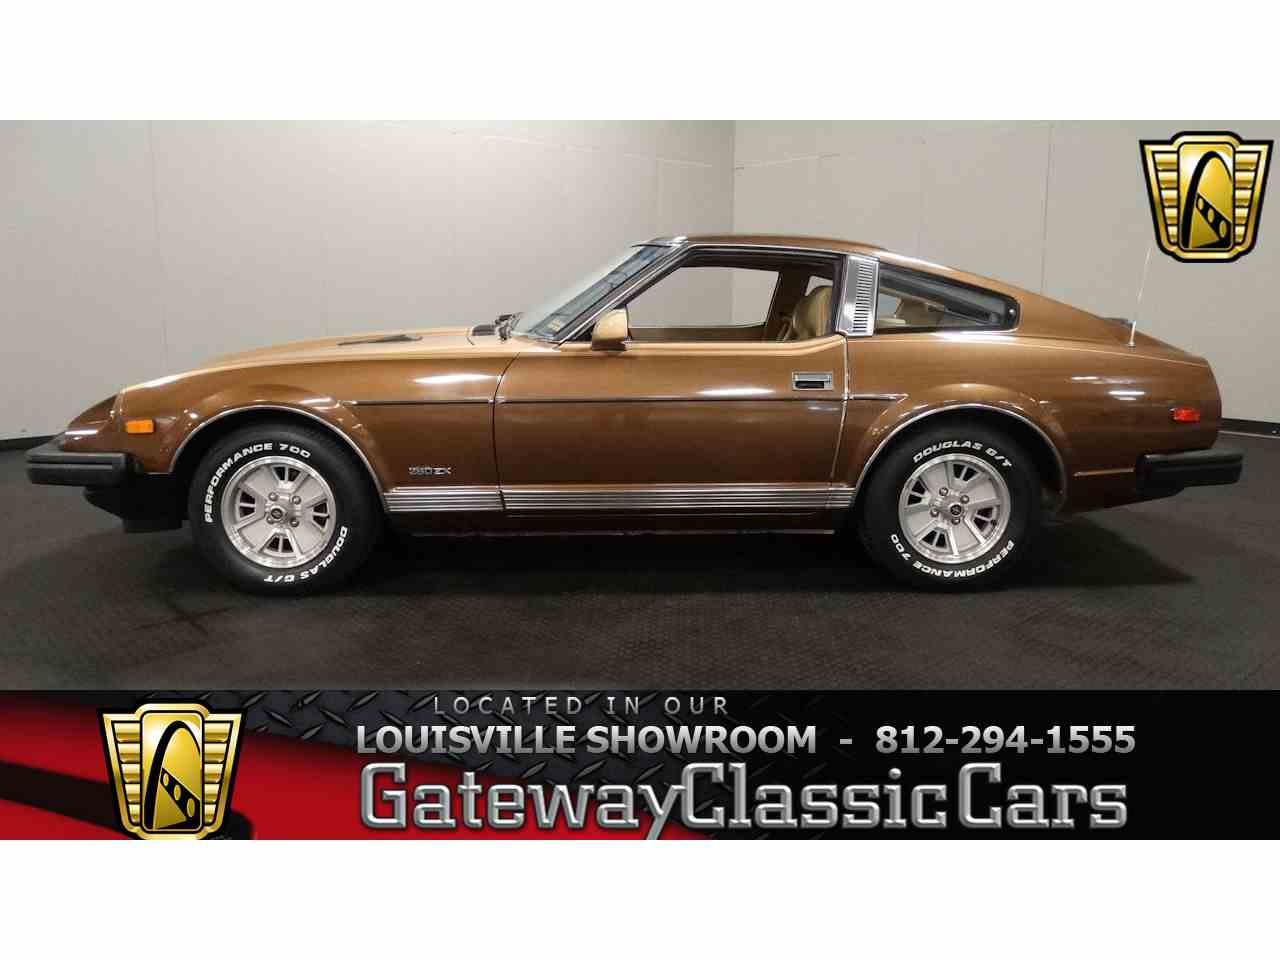 Memphis Classic Car Sales